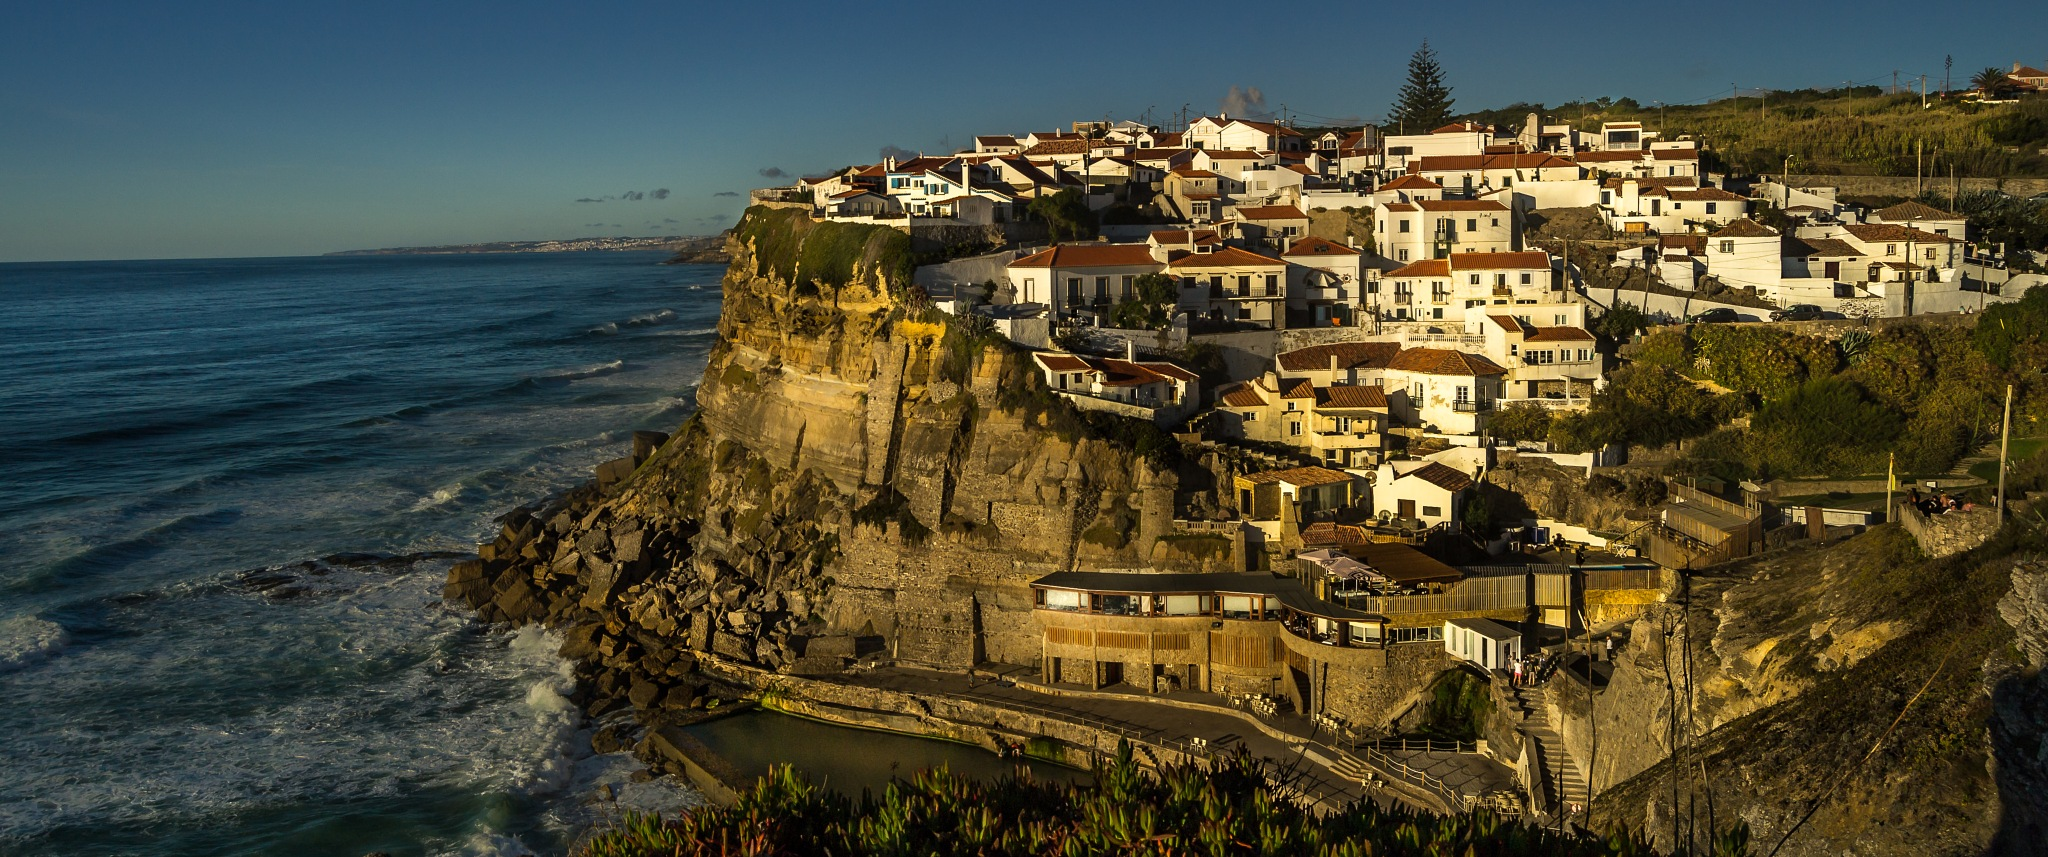 Beach View by Jorge Rosa